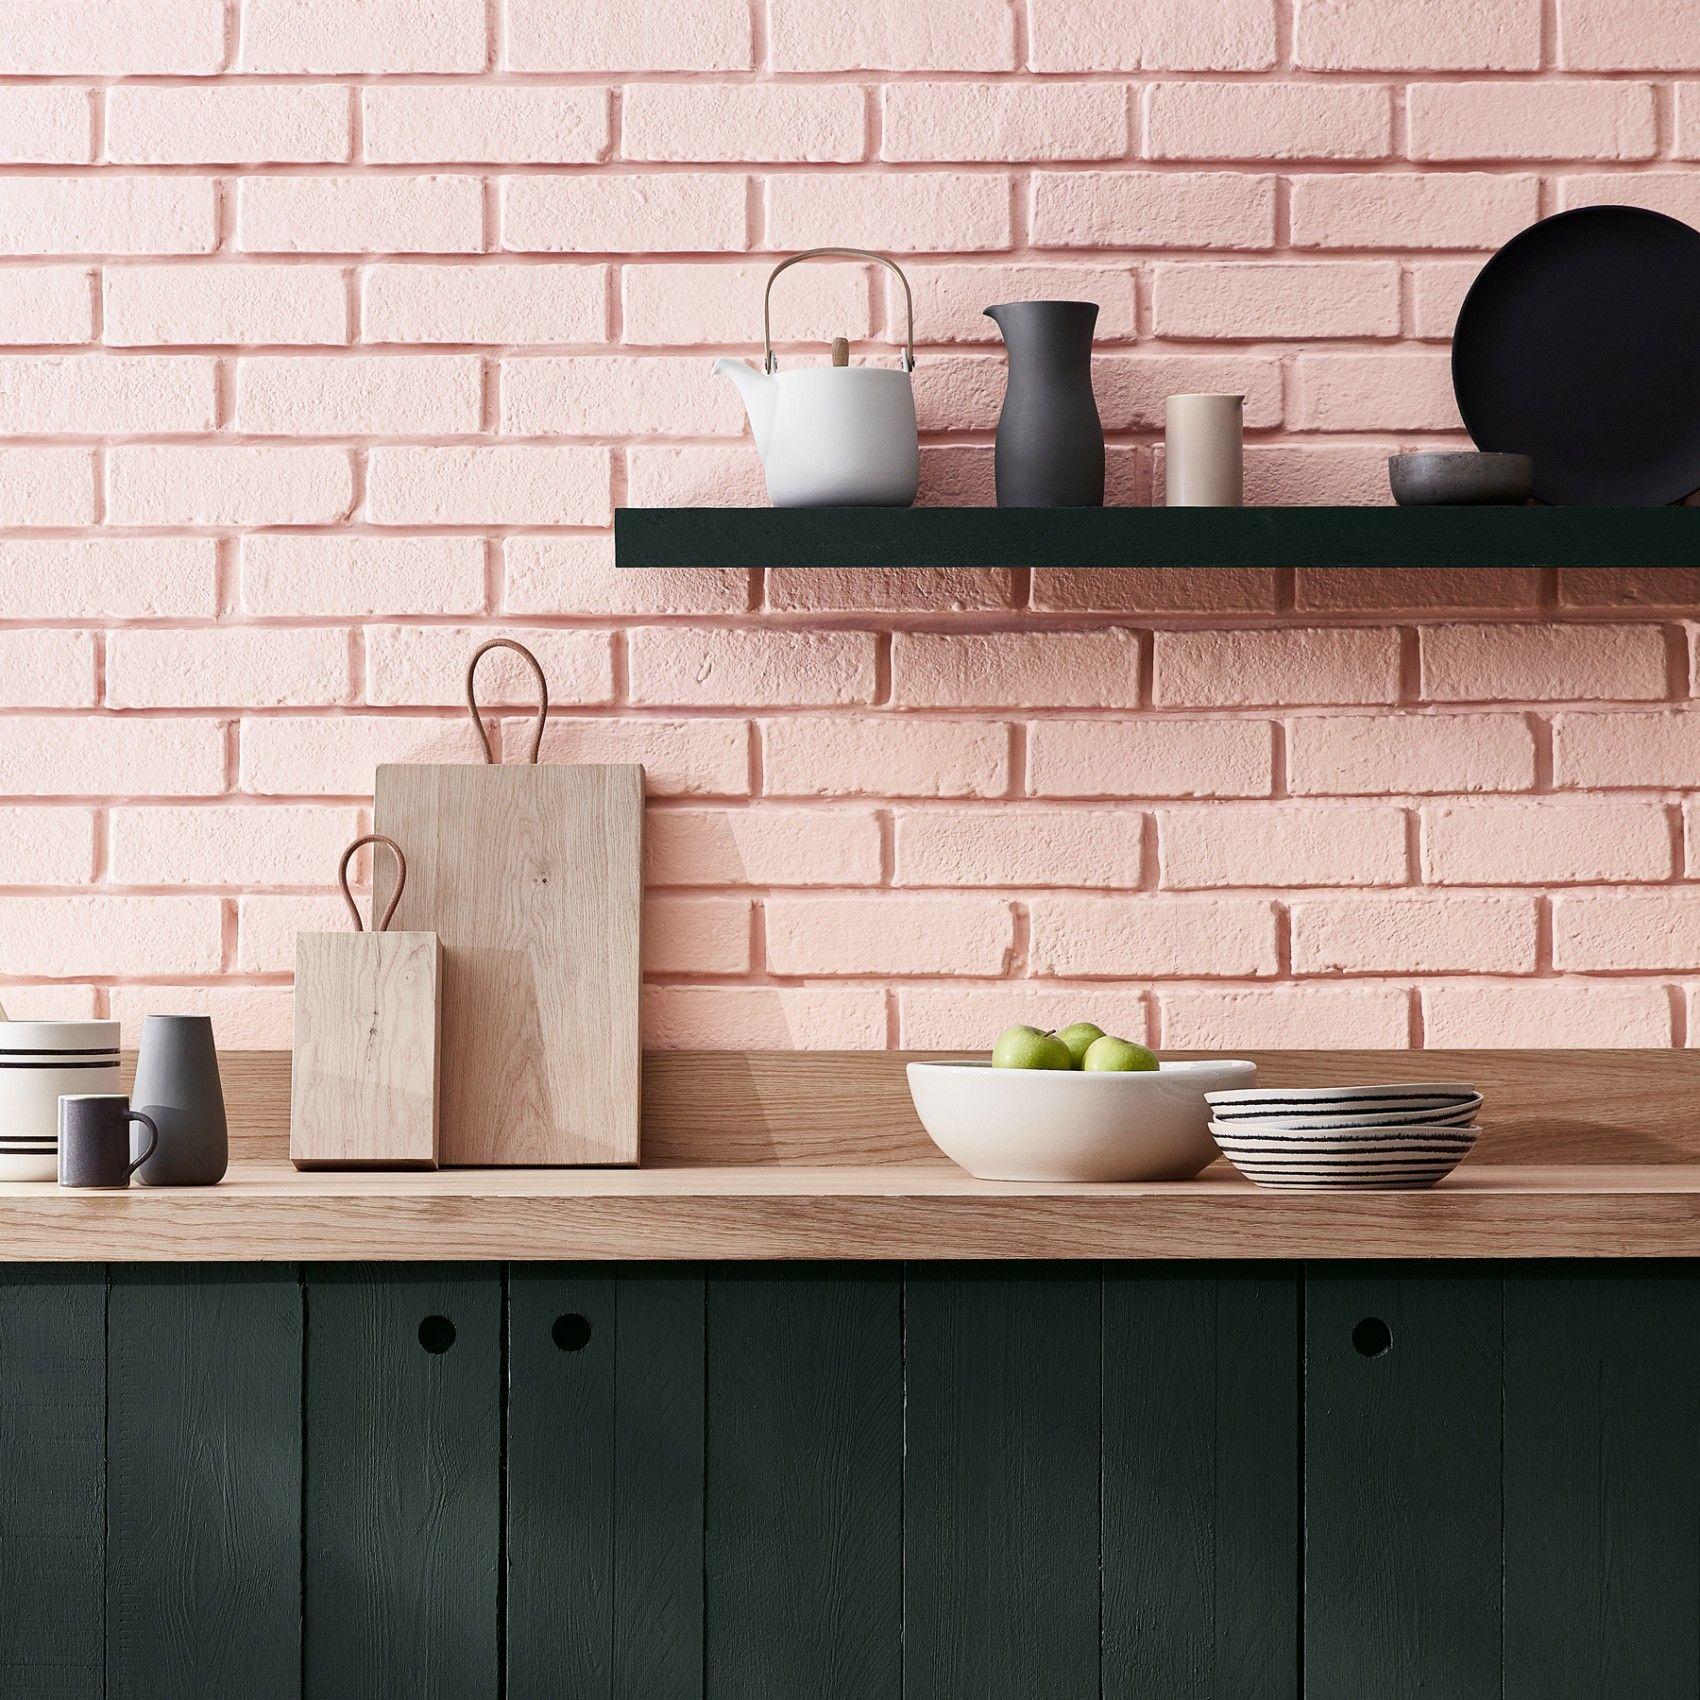 confetti 274 kitchen tiles design home decor kitchen pink kitchen appliances on kitchen decor pink id=31152